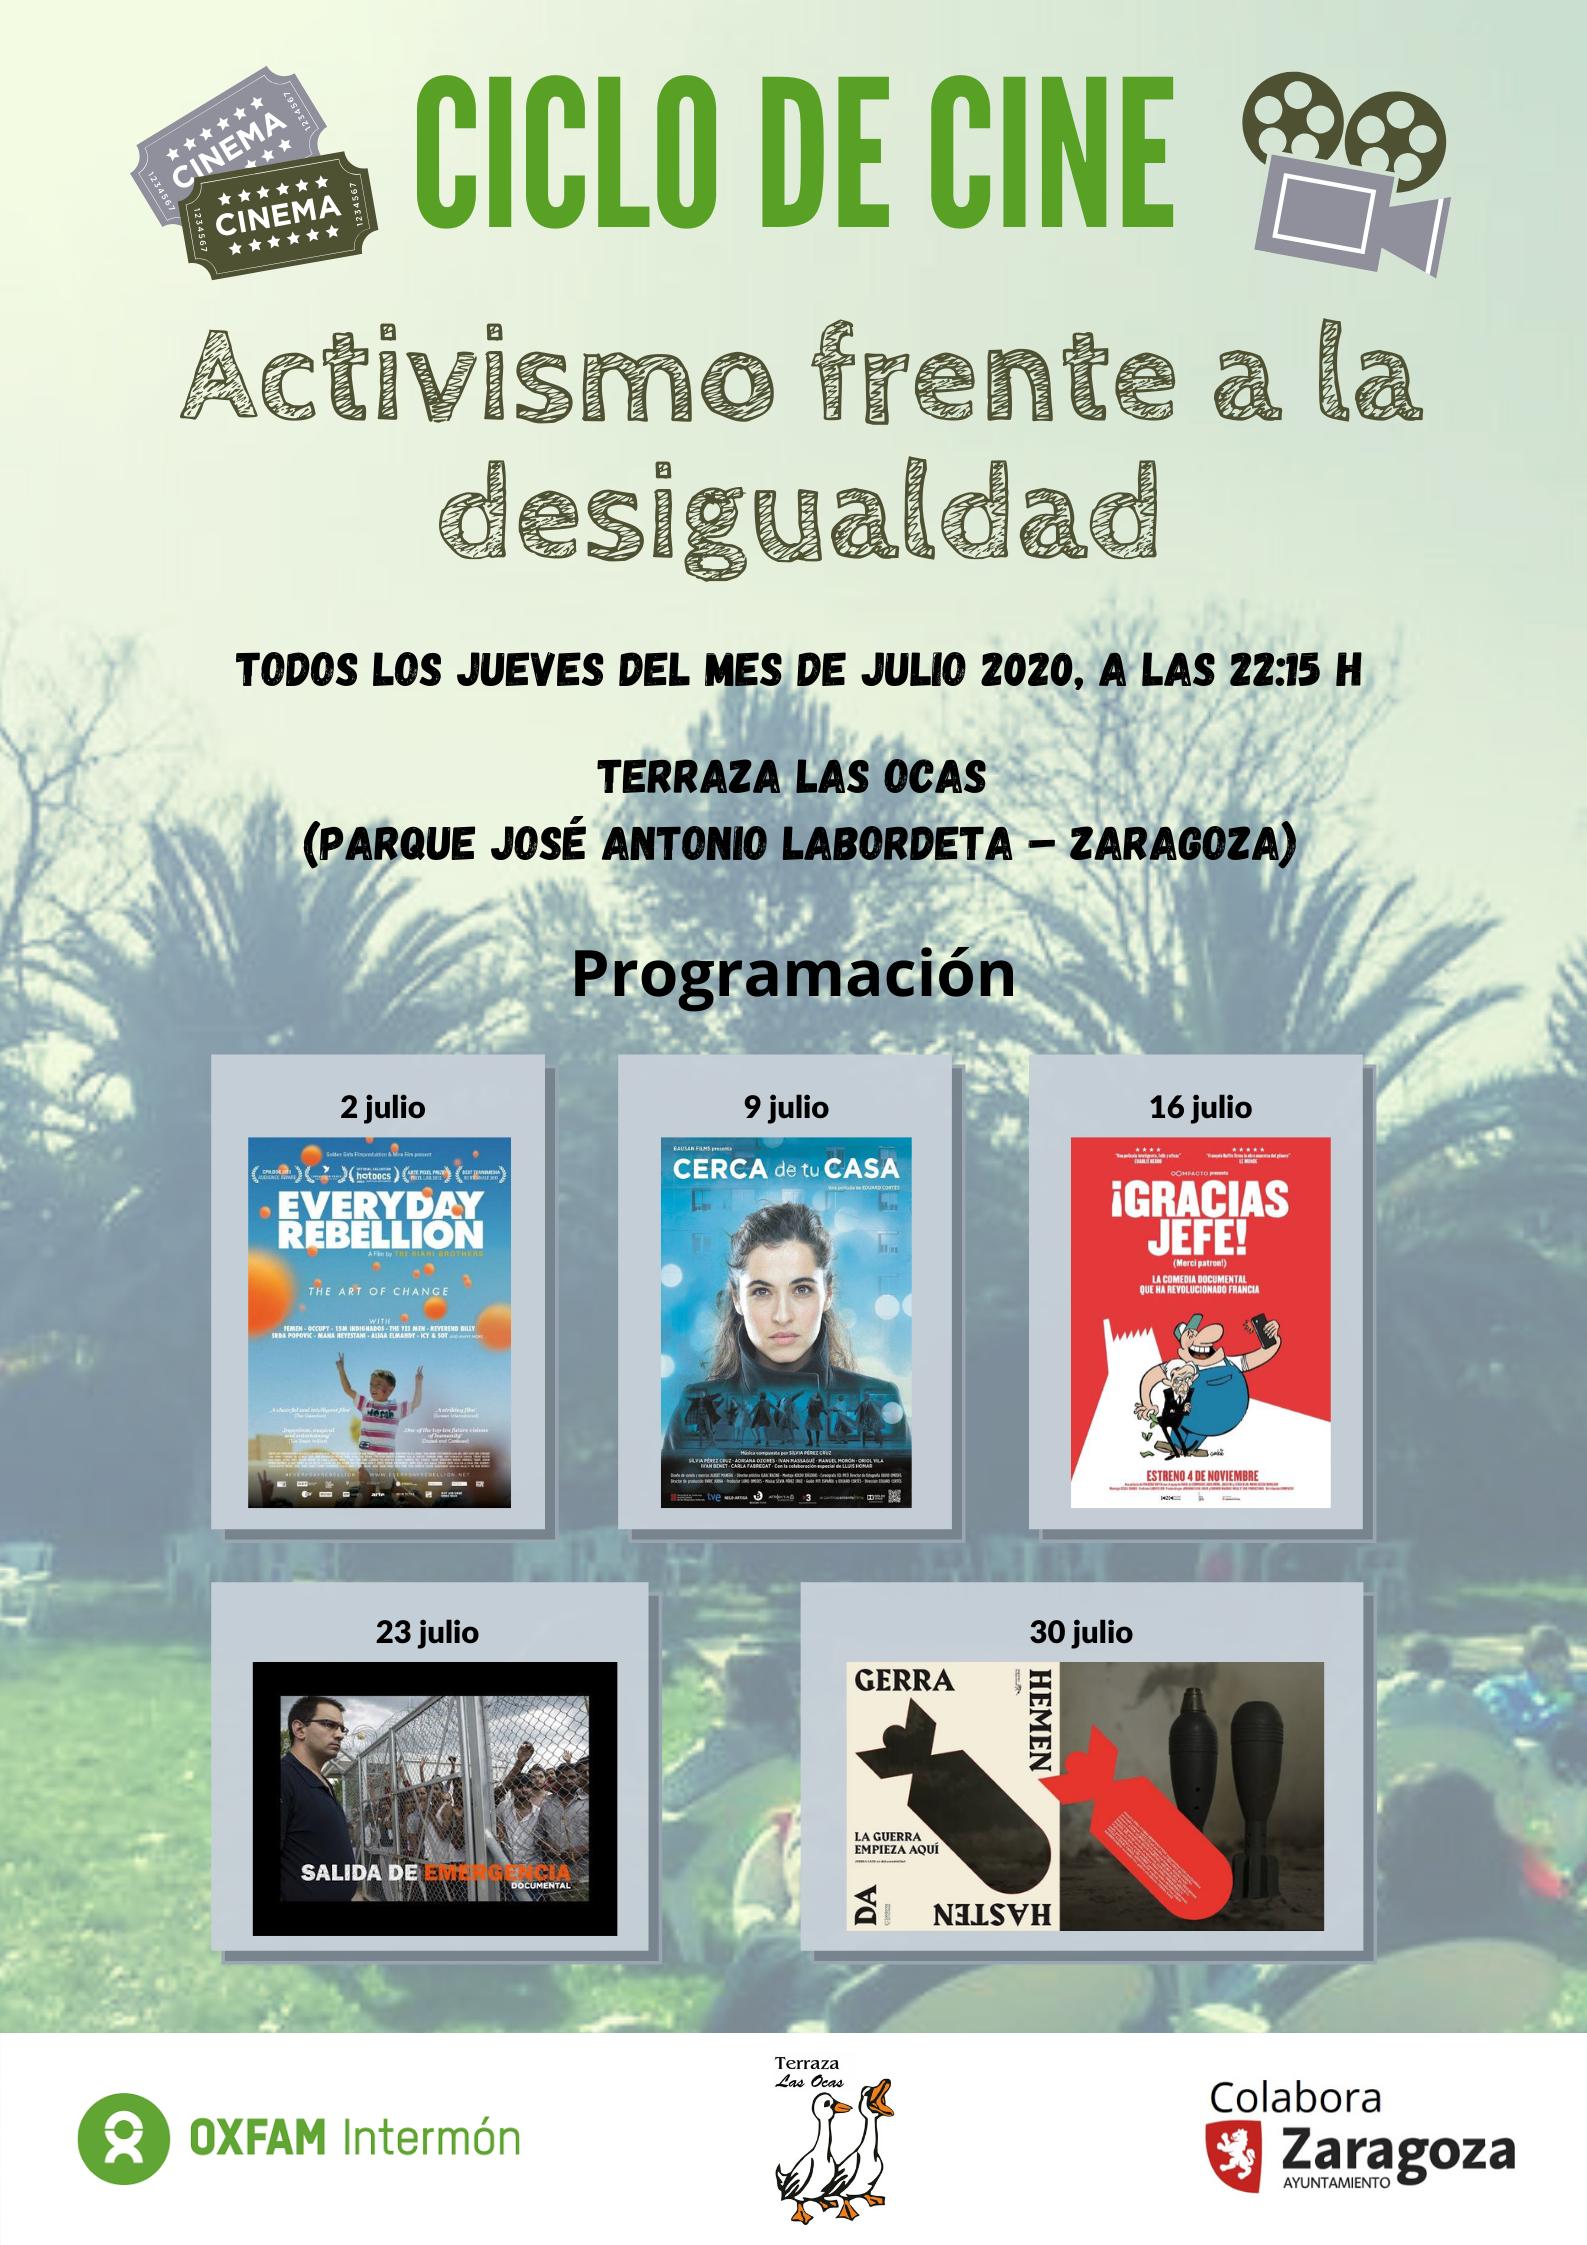 Terraza Las Ocas estrena: Activismo frente a la desigualdad ¡SUSPENDIDO!